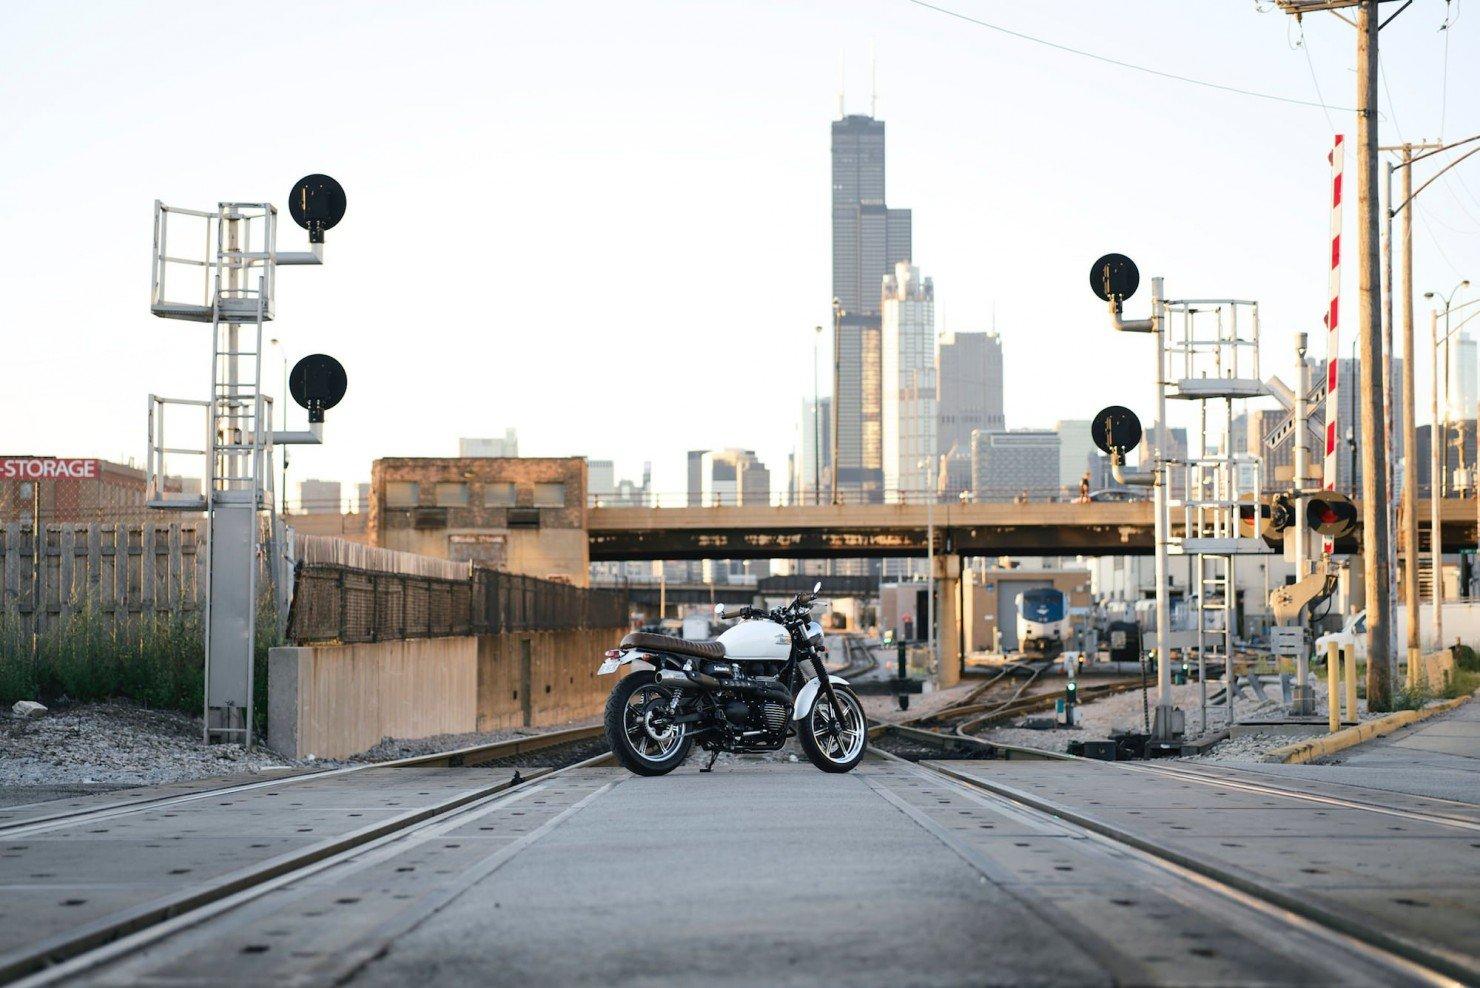 Triumph_Bonneville_Motorcycle_17